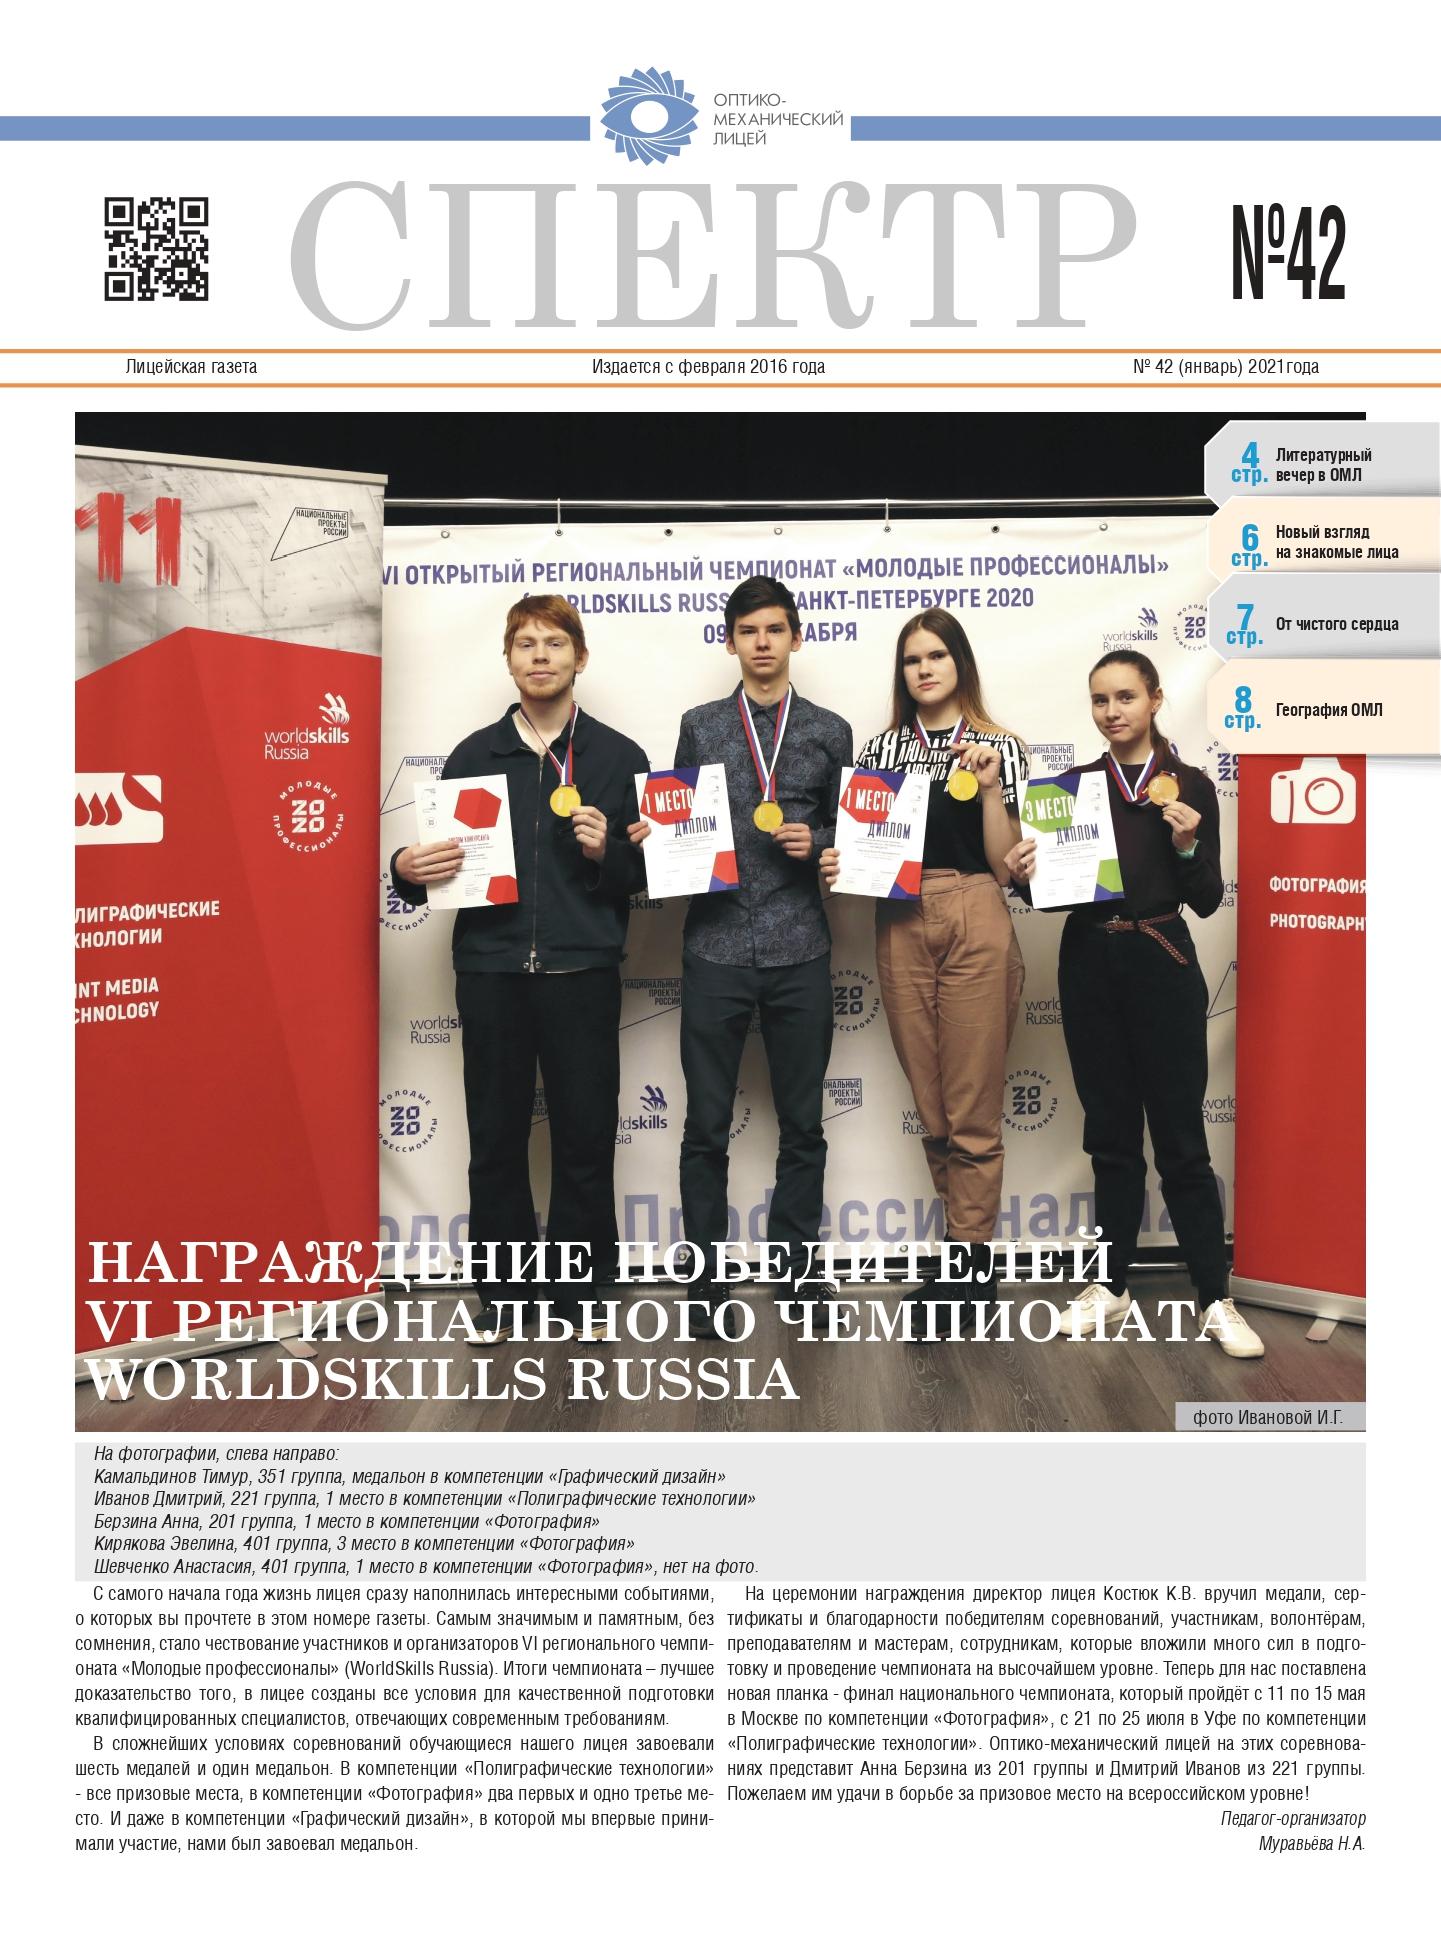 Газета Спектр — выпуск 42 (январь 2021)